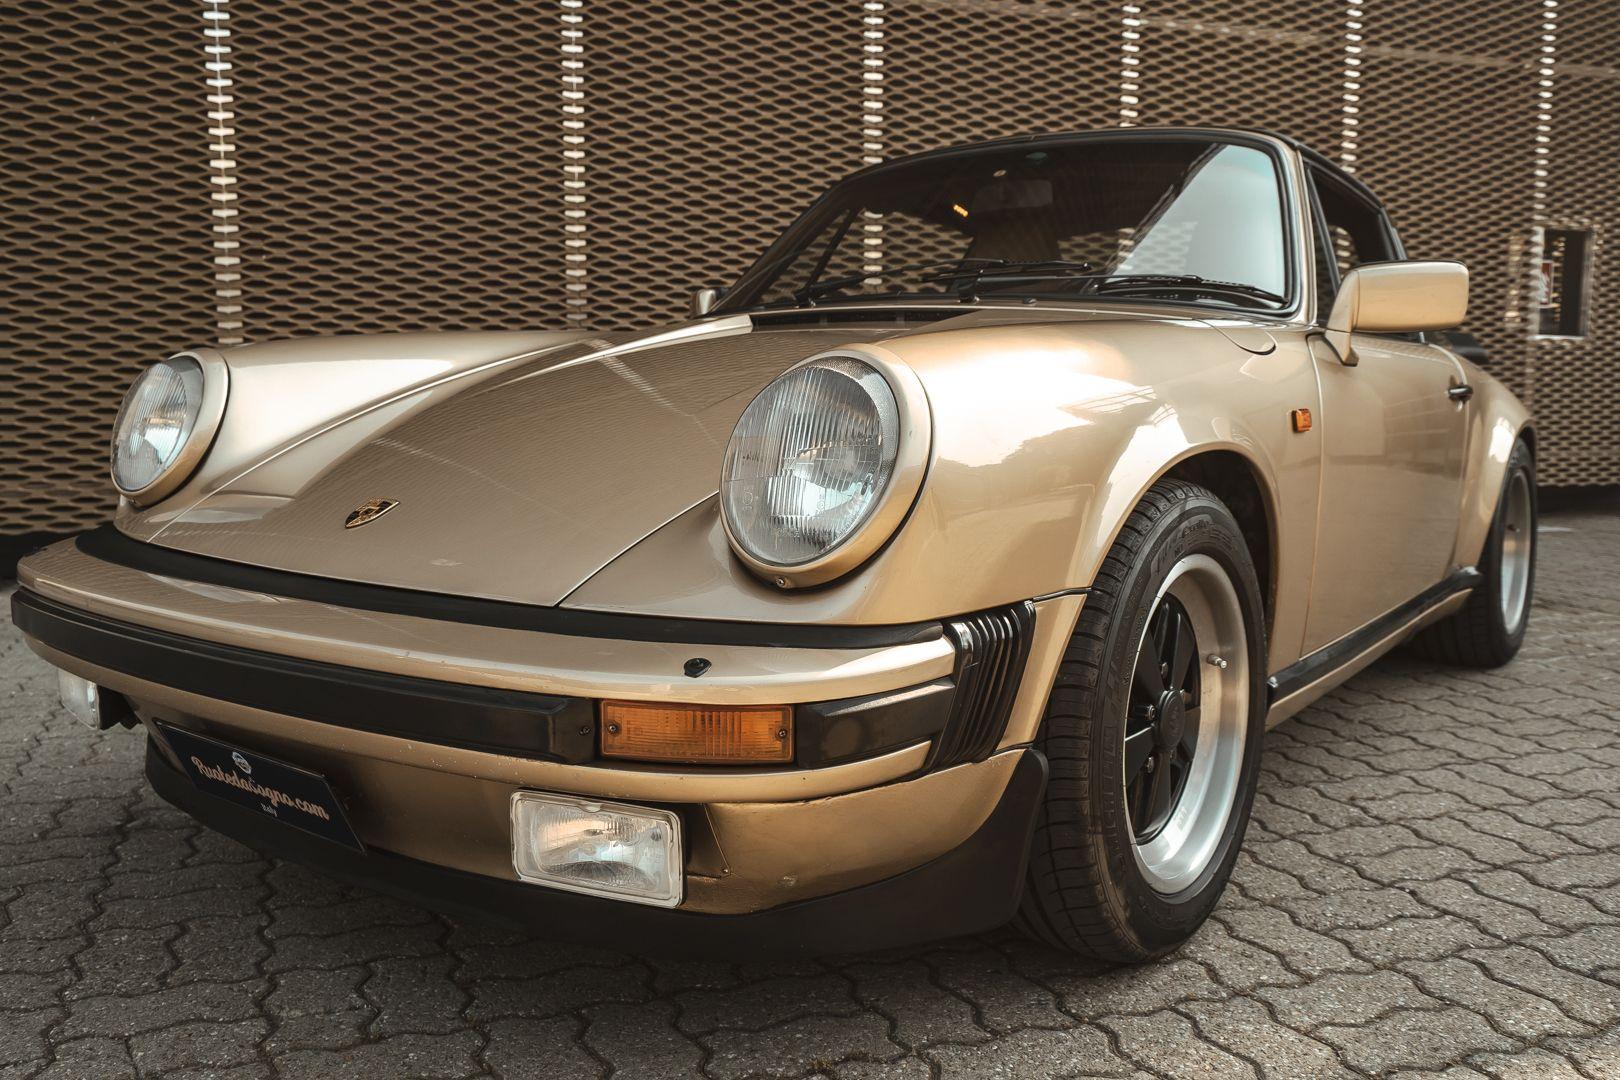 1985 Porsche 911 Carrera 3.2 Targa 73186